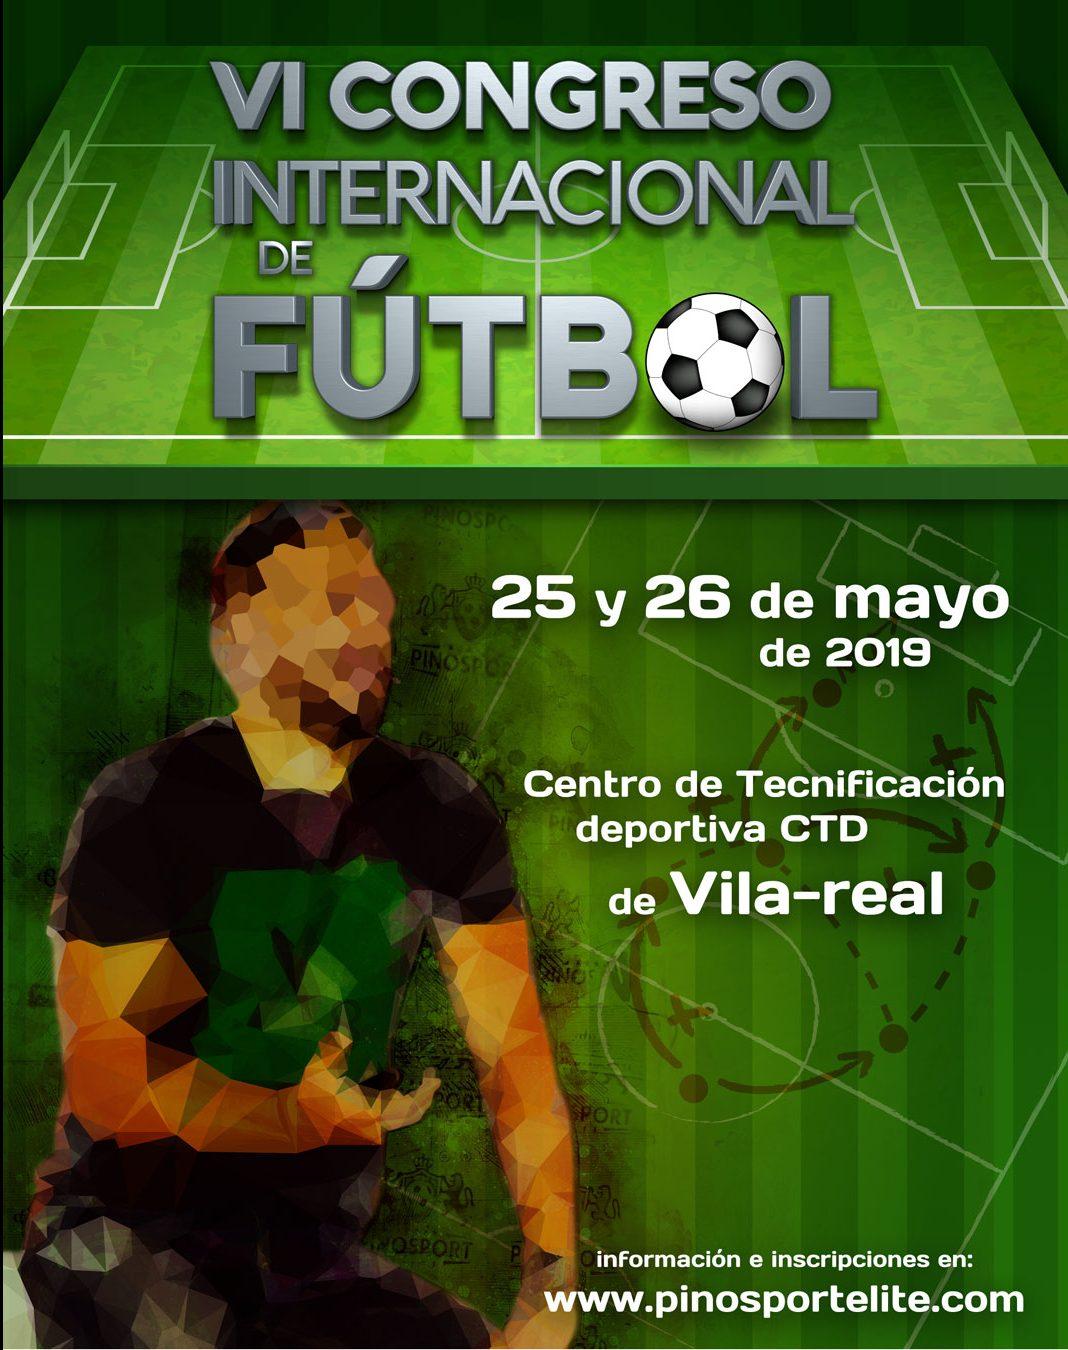 VI Congreso Internacional de Fútbol 2019